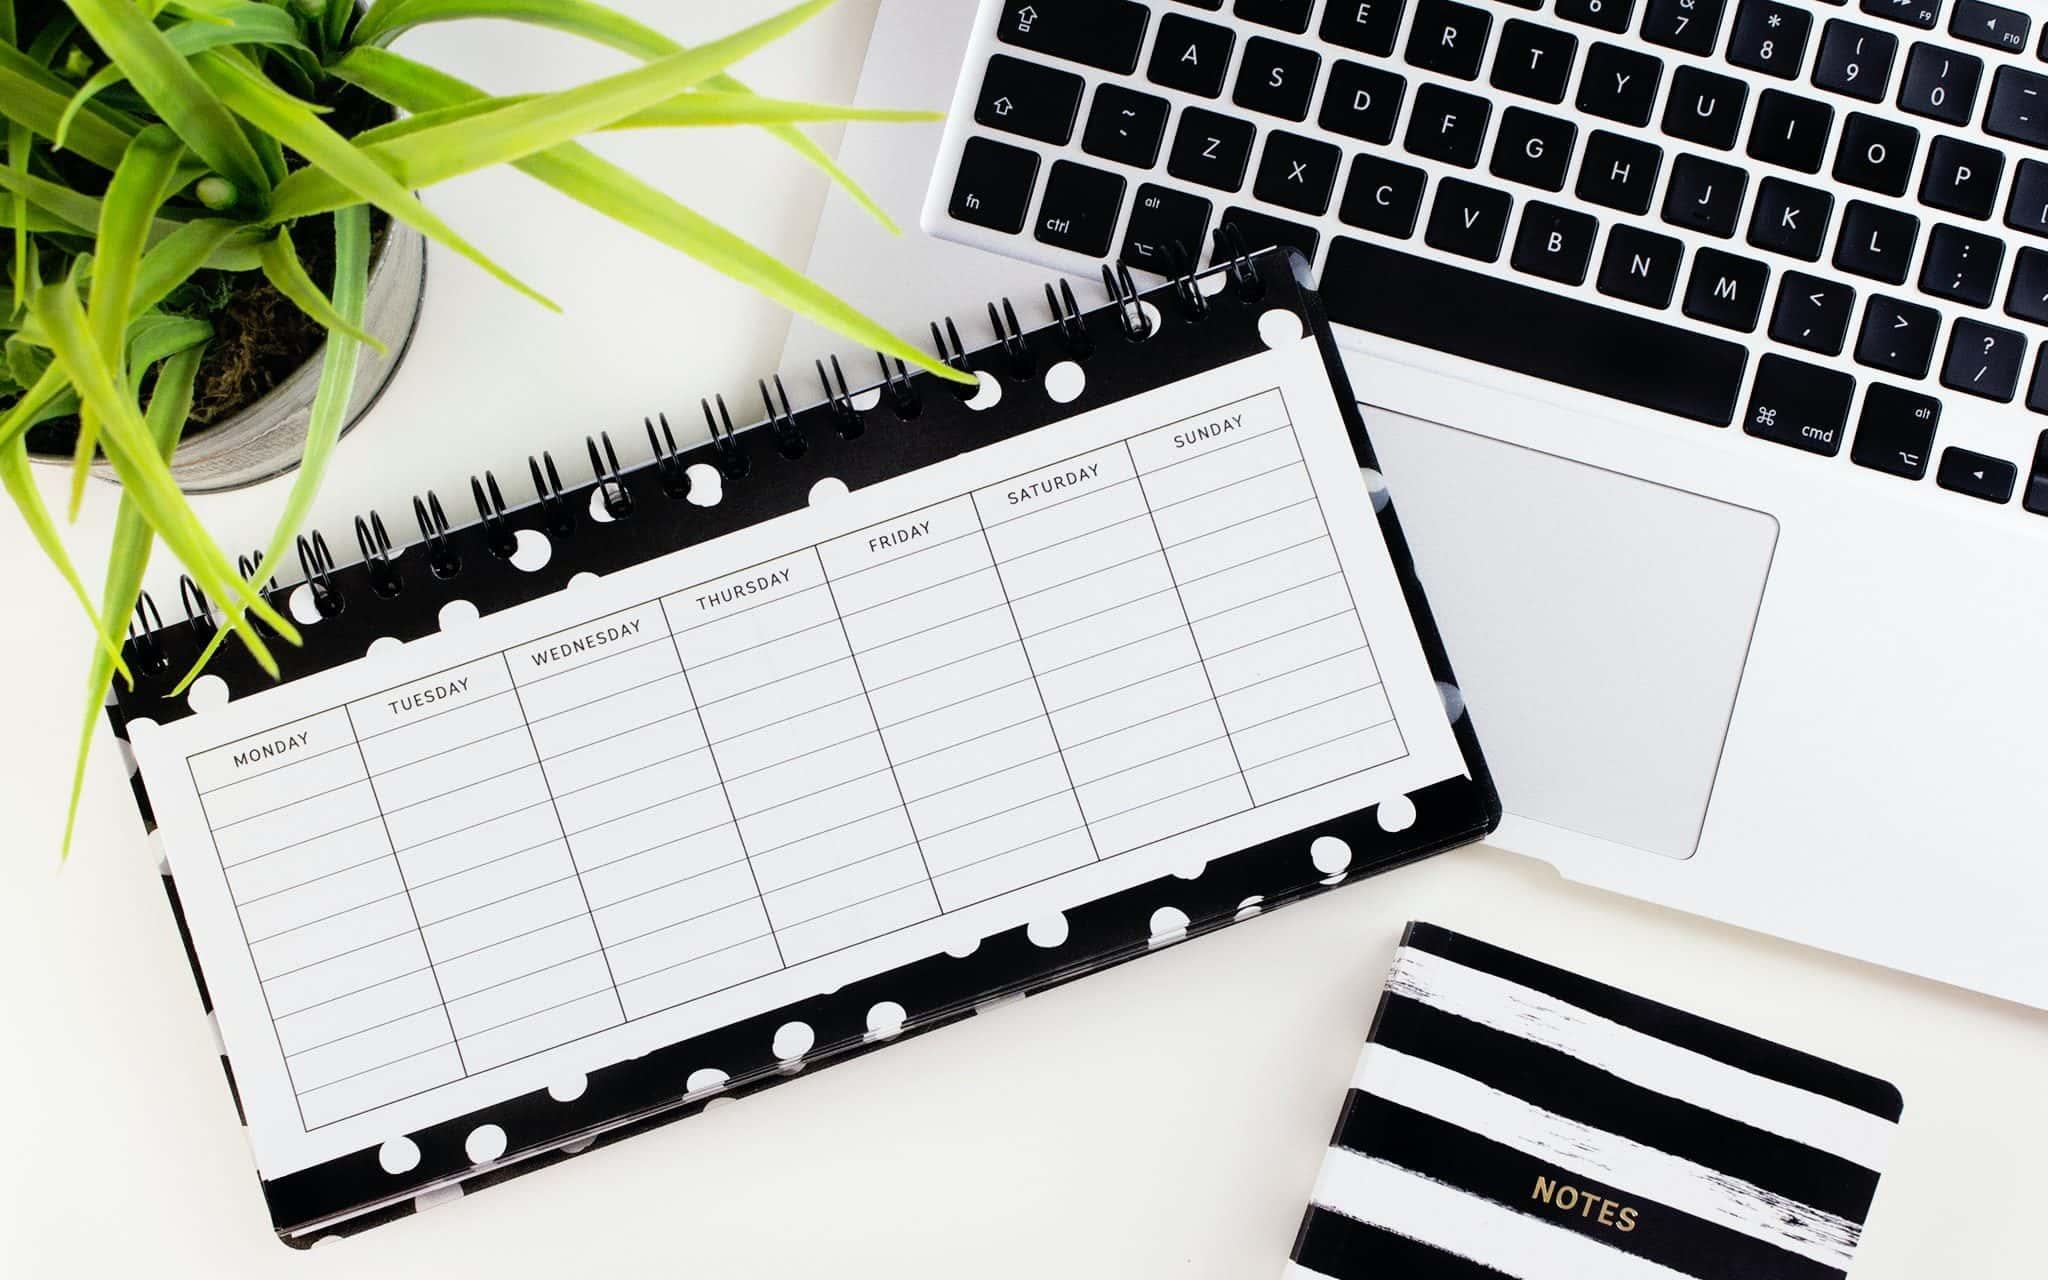 Migliora la gestione del calendario, evitando i 4 errori più comuni